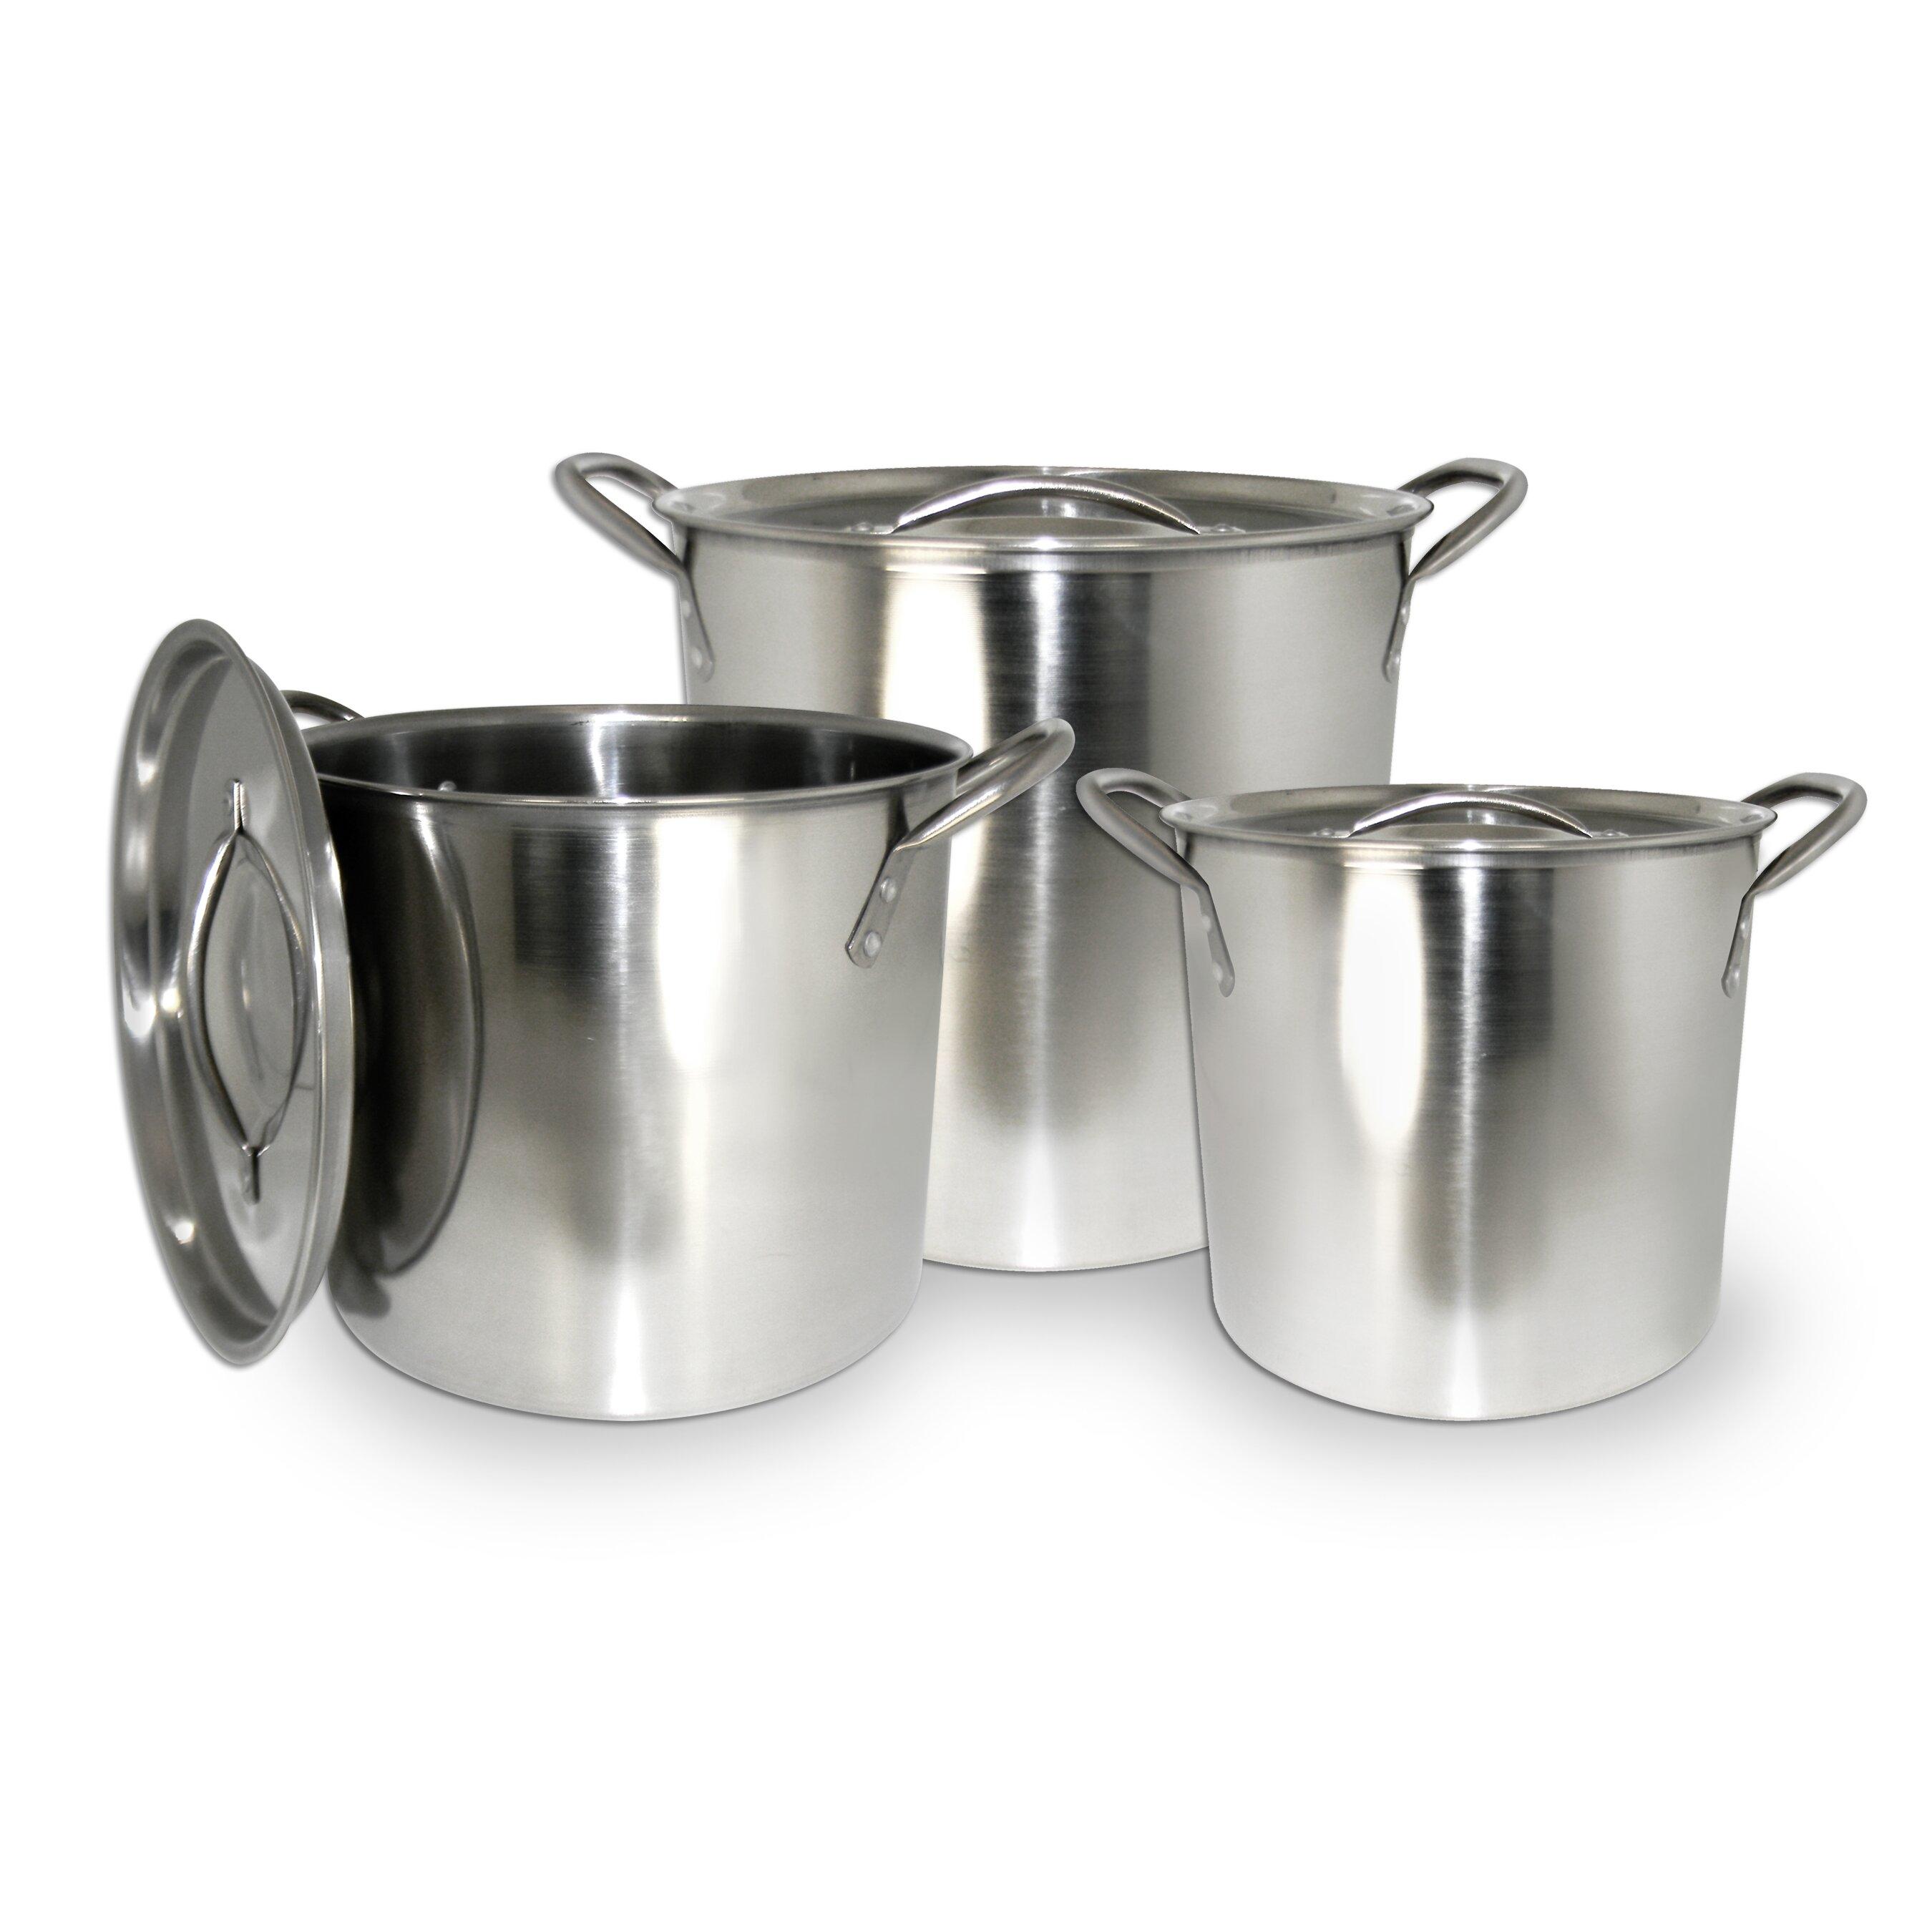 Cook Pro 6 Piece Stock Pot Set Amp Reviews Wayfair